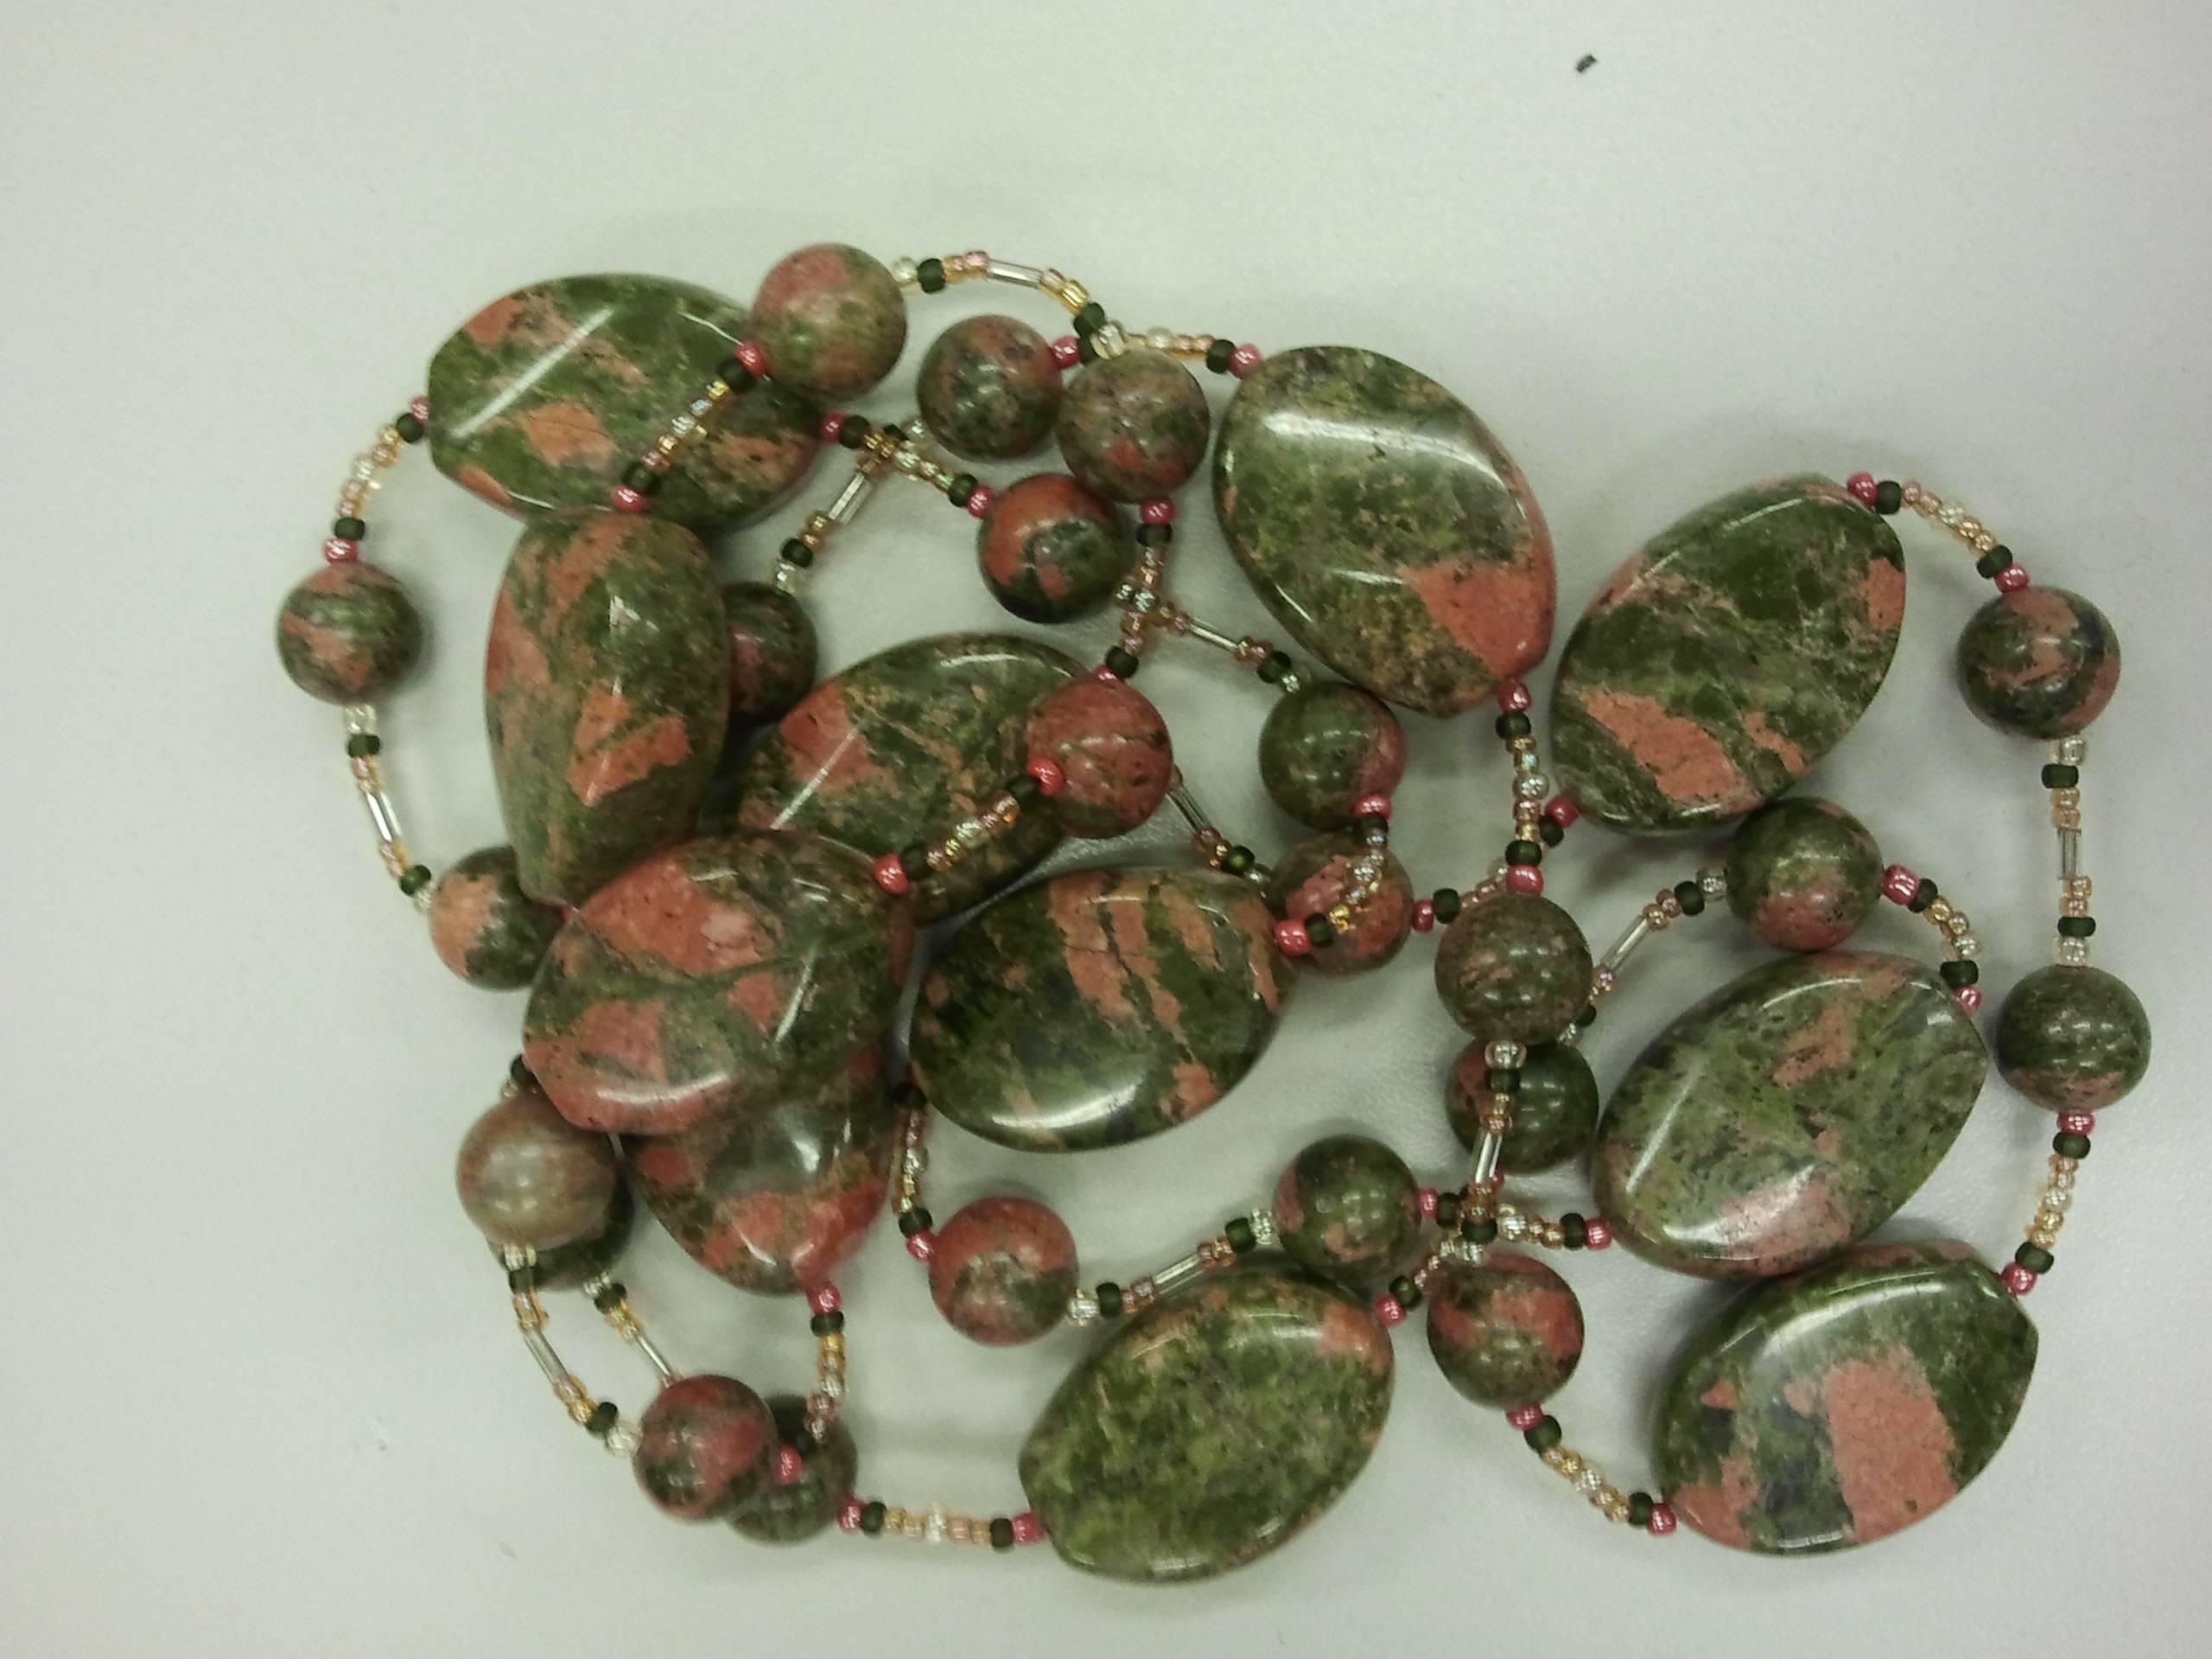 Натуральные камни: виды, их магические и лечебные свойства